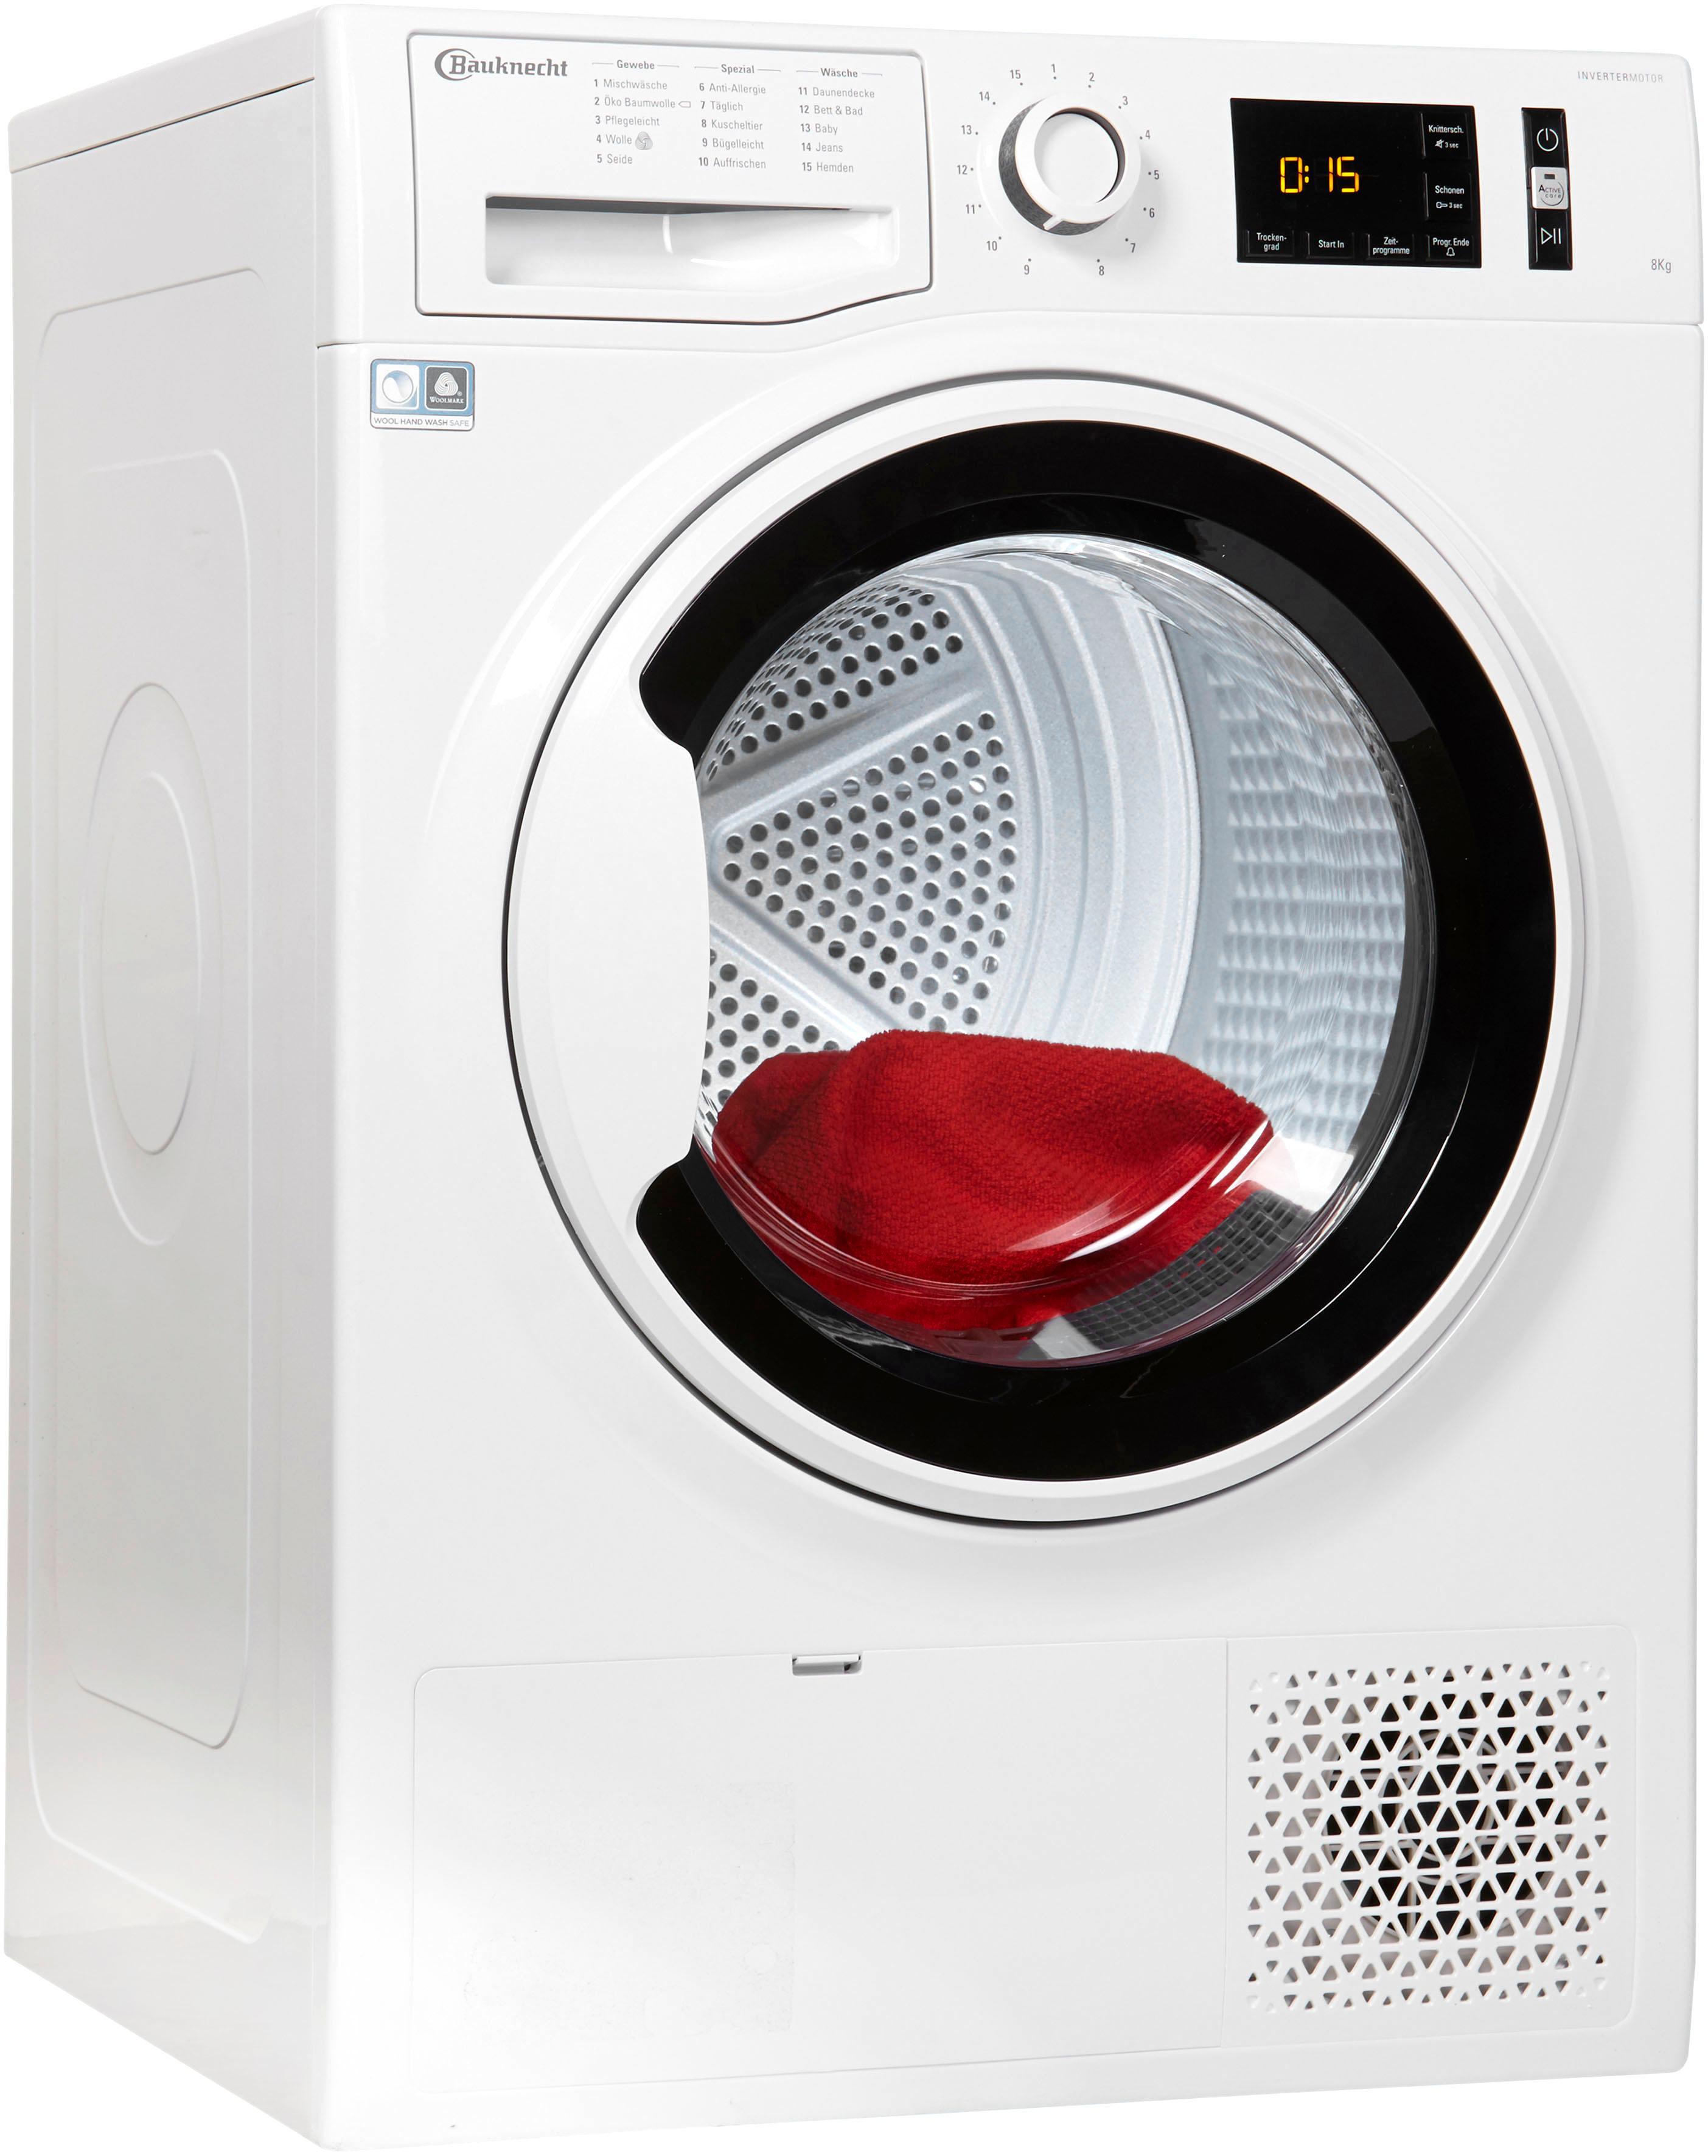 BAUKNECHT Wärmepumpentrockner T Soft M11 82WK DE 8 kg | Bad > Waschmaschinen und Trockner | Weiß | Bauknecht